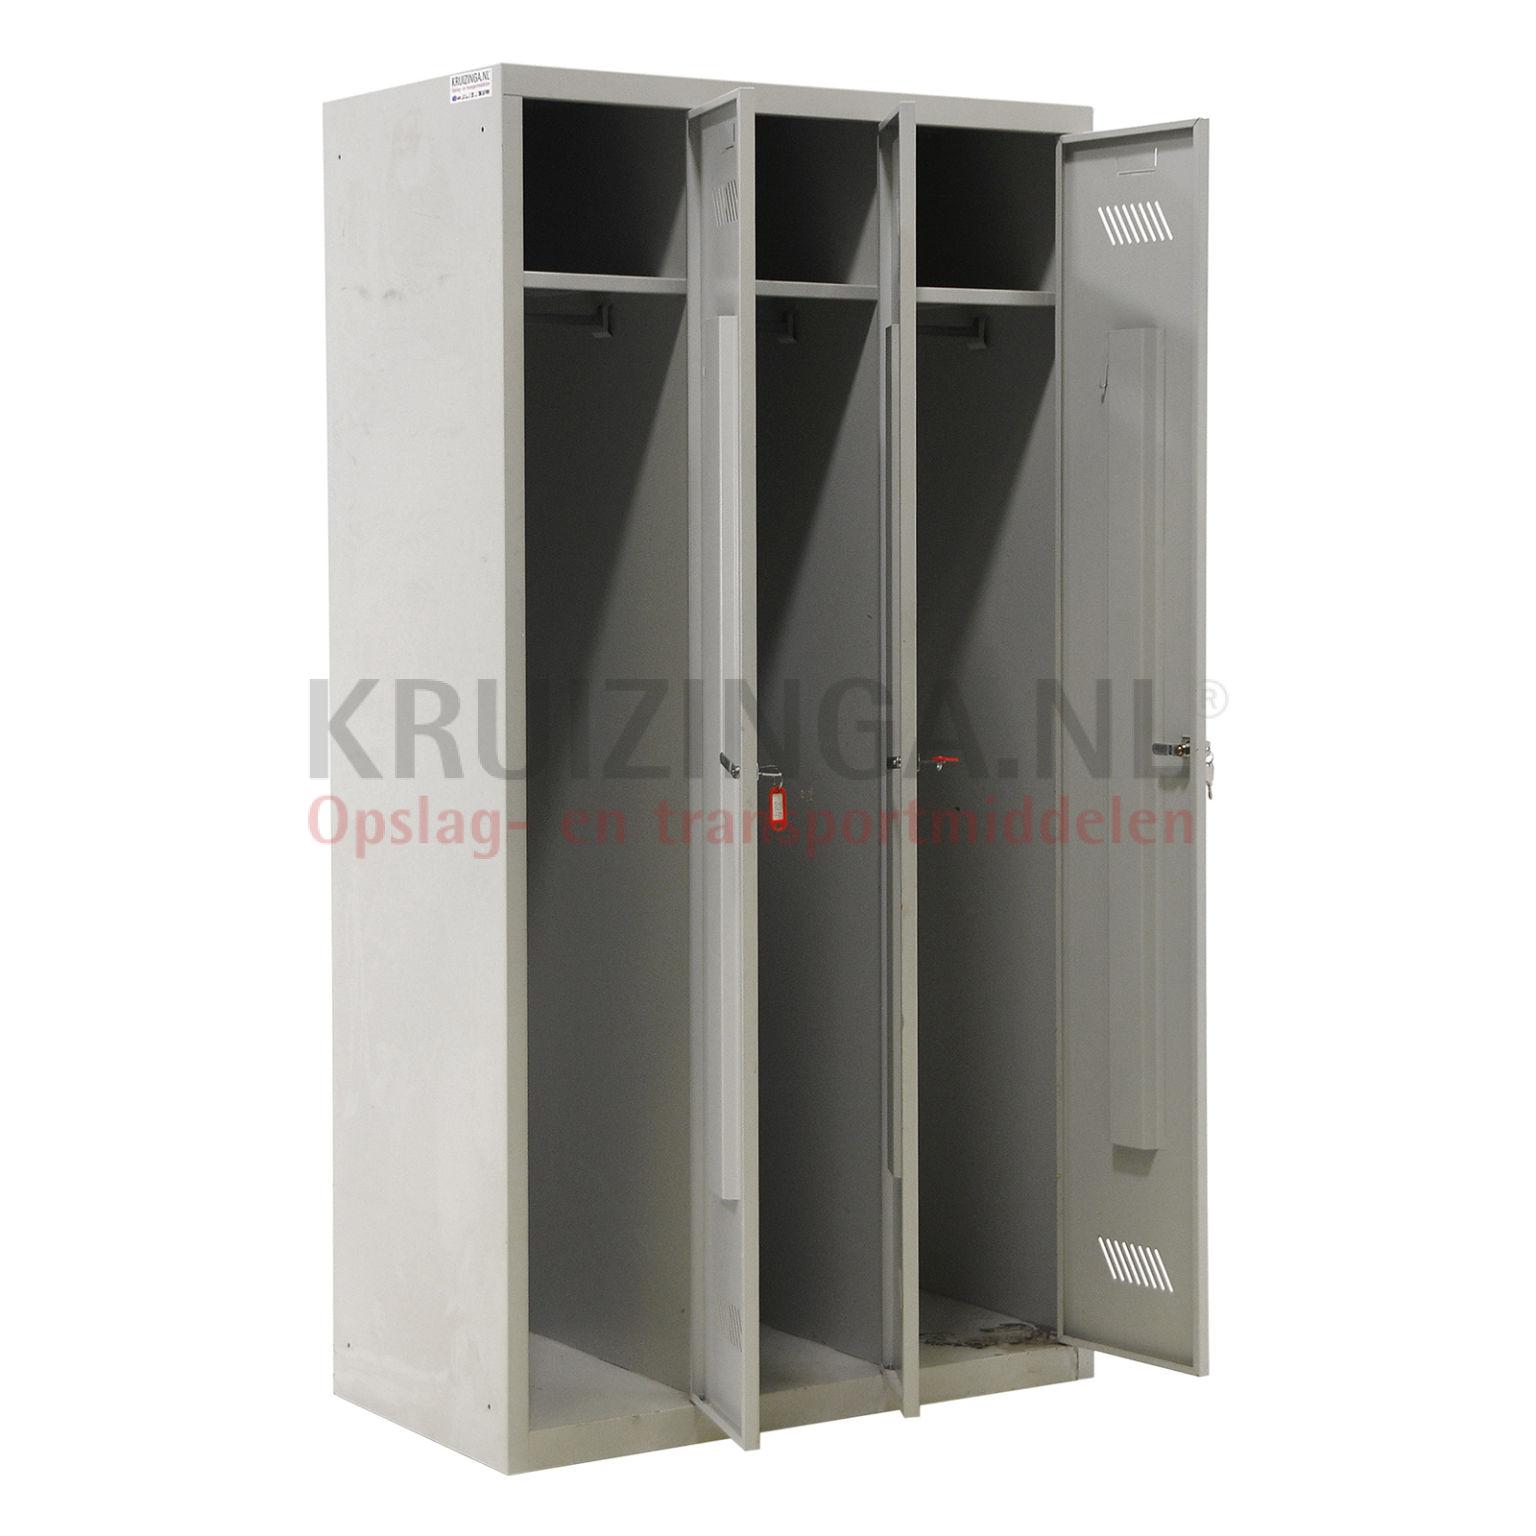 Schrank schlie fachschrank 3 t ren zylinderschloss for Schrank gebraucht